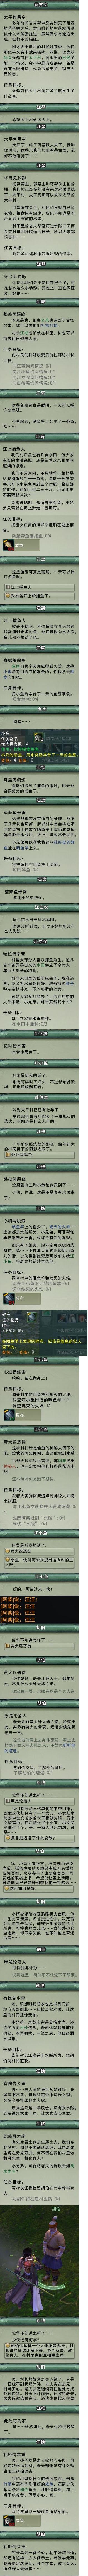 主线任务06 - 太平村胡伯.jpg